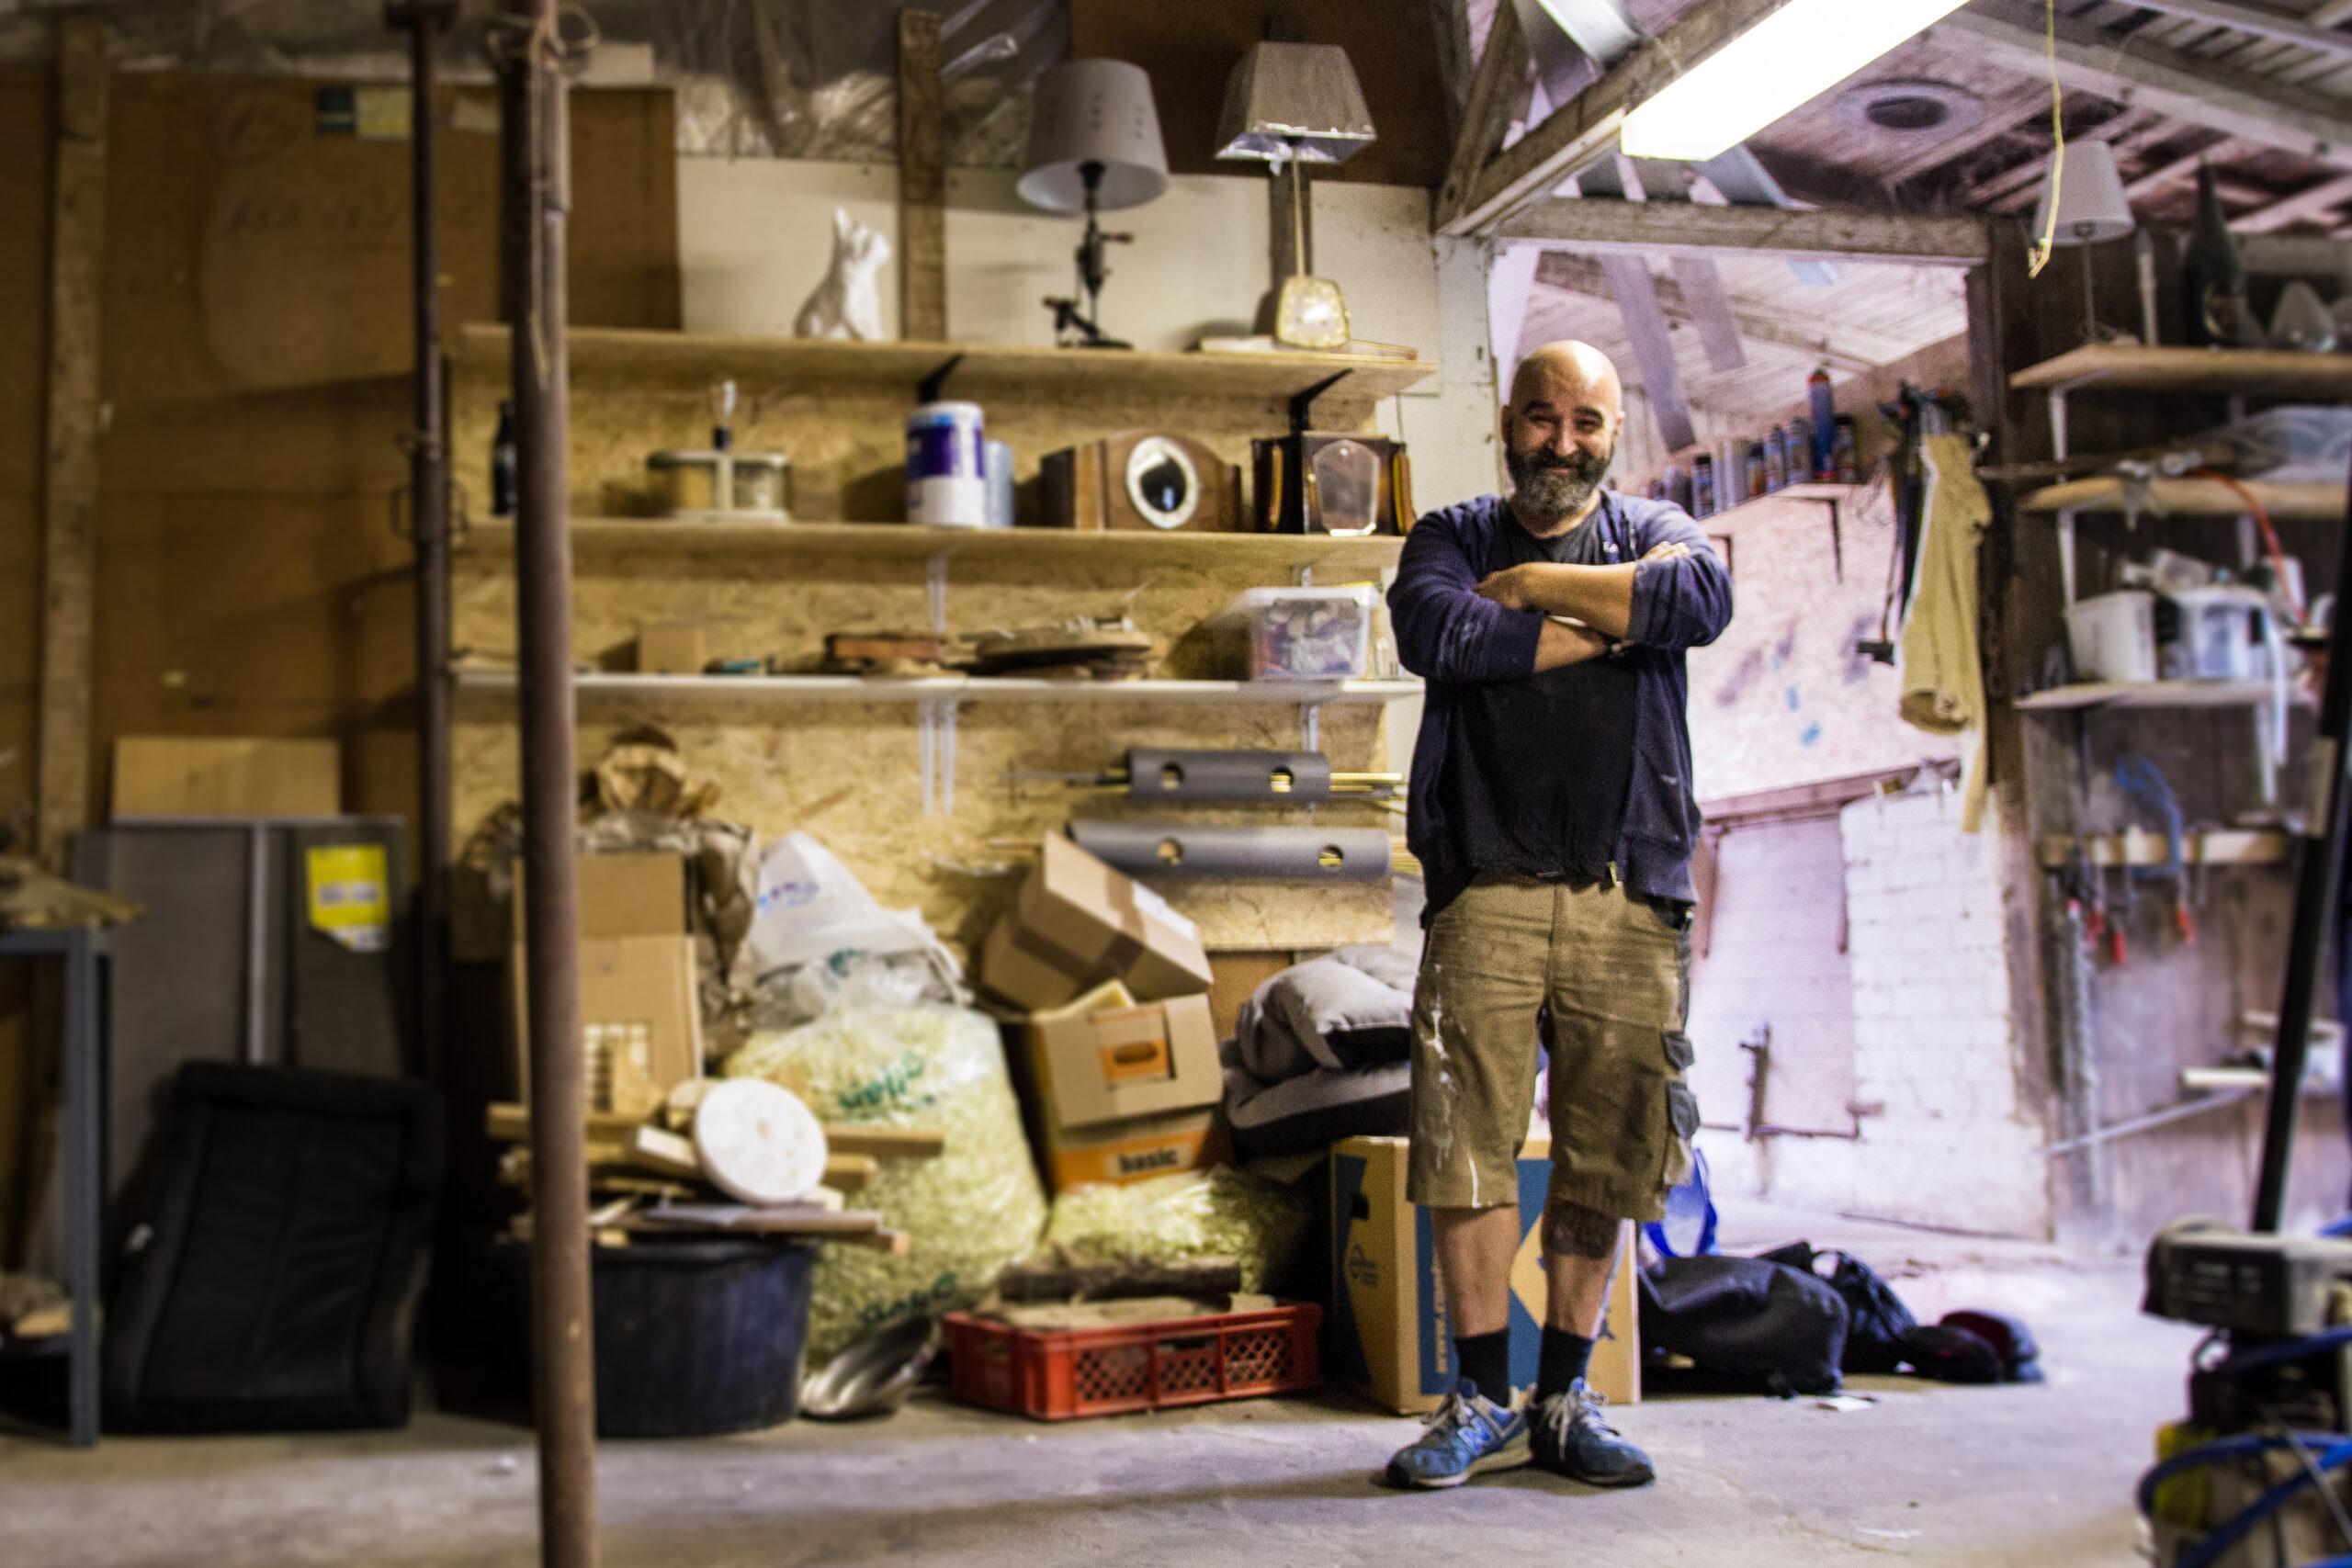 Hier seht ihr Norman Aksoy in seiner Werkstatt vor einem Ragl mit Lampen